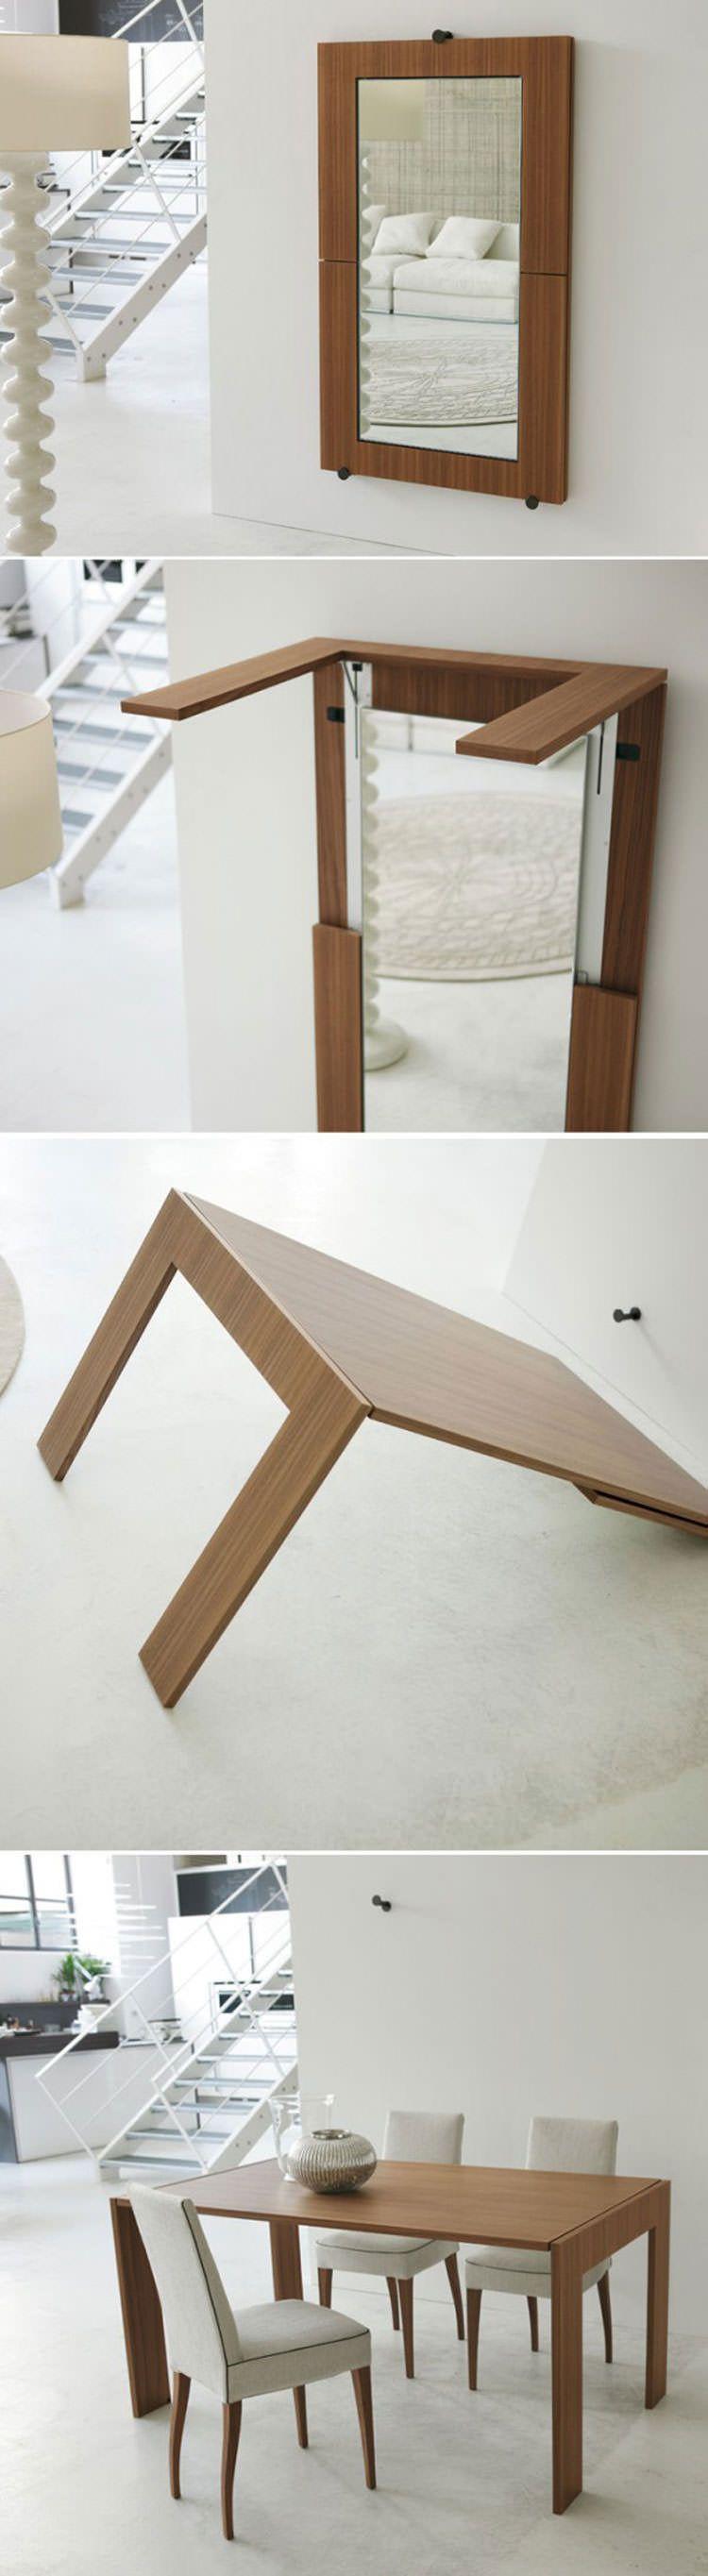 30 Tavoli Allungabili Moderni dal Design Particolare | Pinterest ...